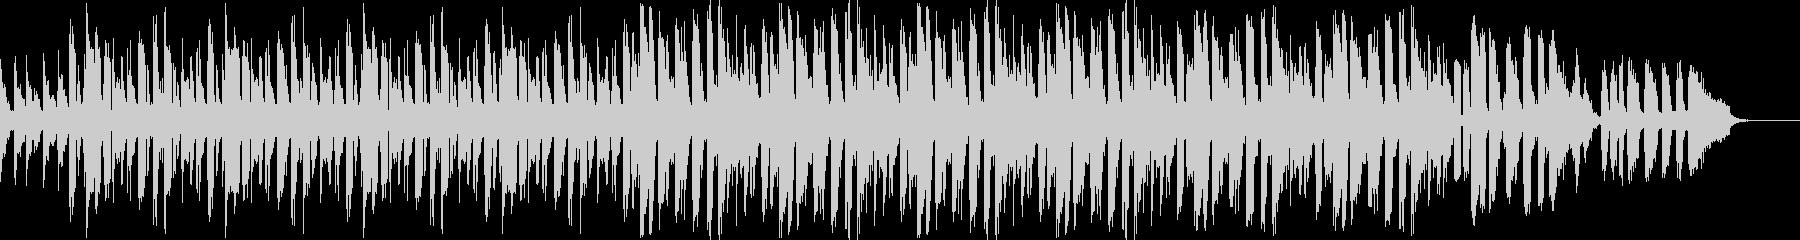 ハイテンポスウィングシンセなしverの未再生の波形